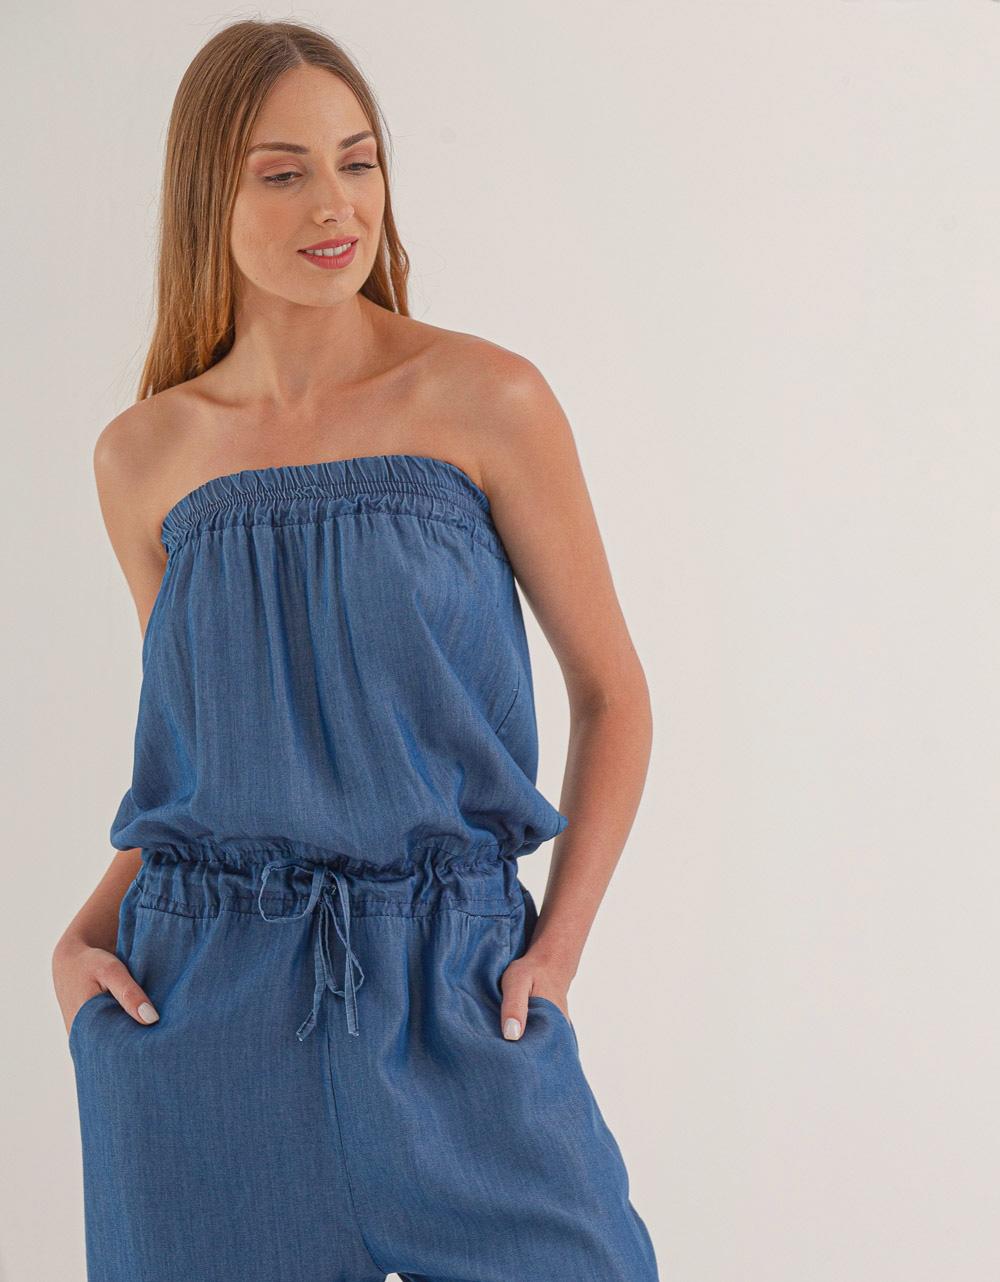 Εικόνα από Γυναικεία ολόσωμη φόρμα strapless Τζιν